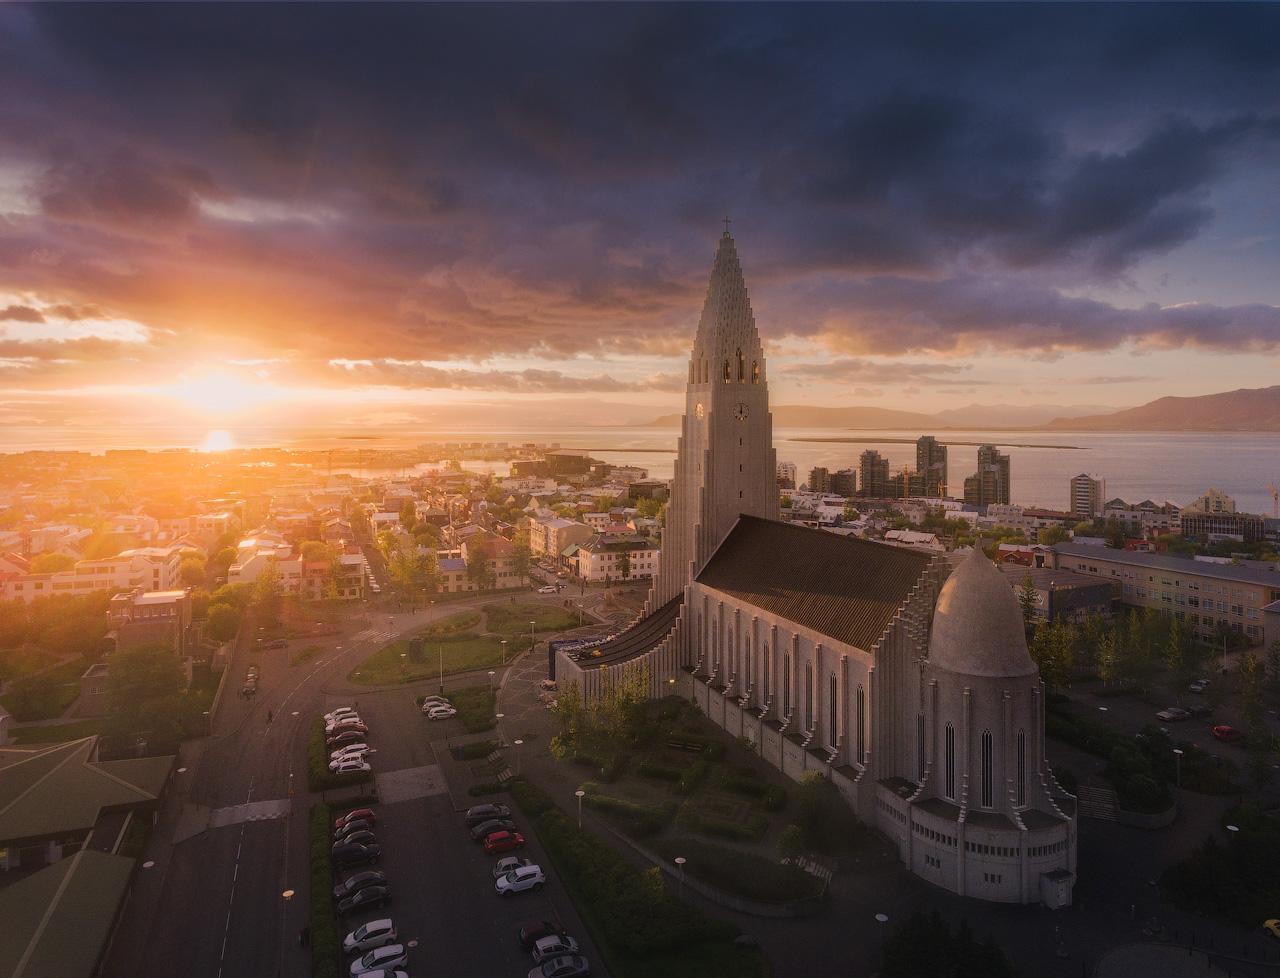 L'église emblématique Hallgrímskirkja de la ville de Reykjavík baignait dans le soleil de l'été.